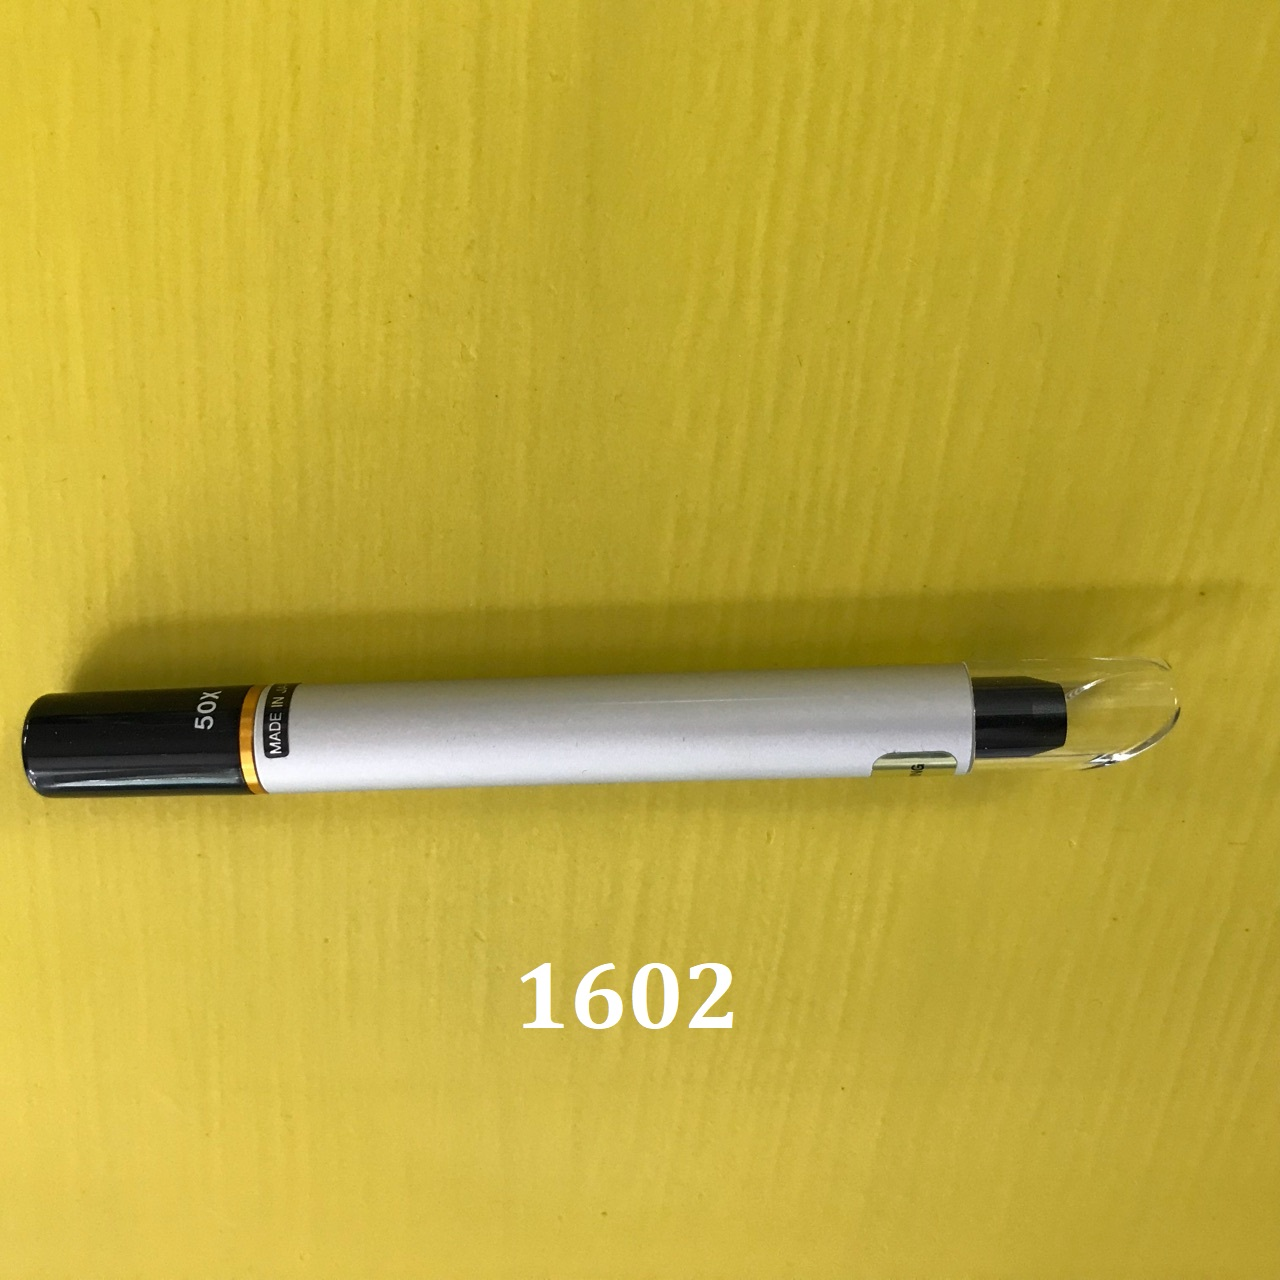 Kính hiển vi bỏ túi dạng bút có độ phóng đại 50X kính hiển vi bỏ túi 50x 2036-50X 2036 50X PEAK